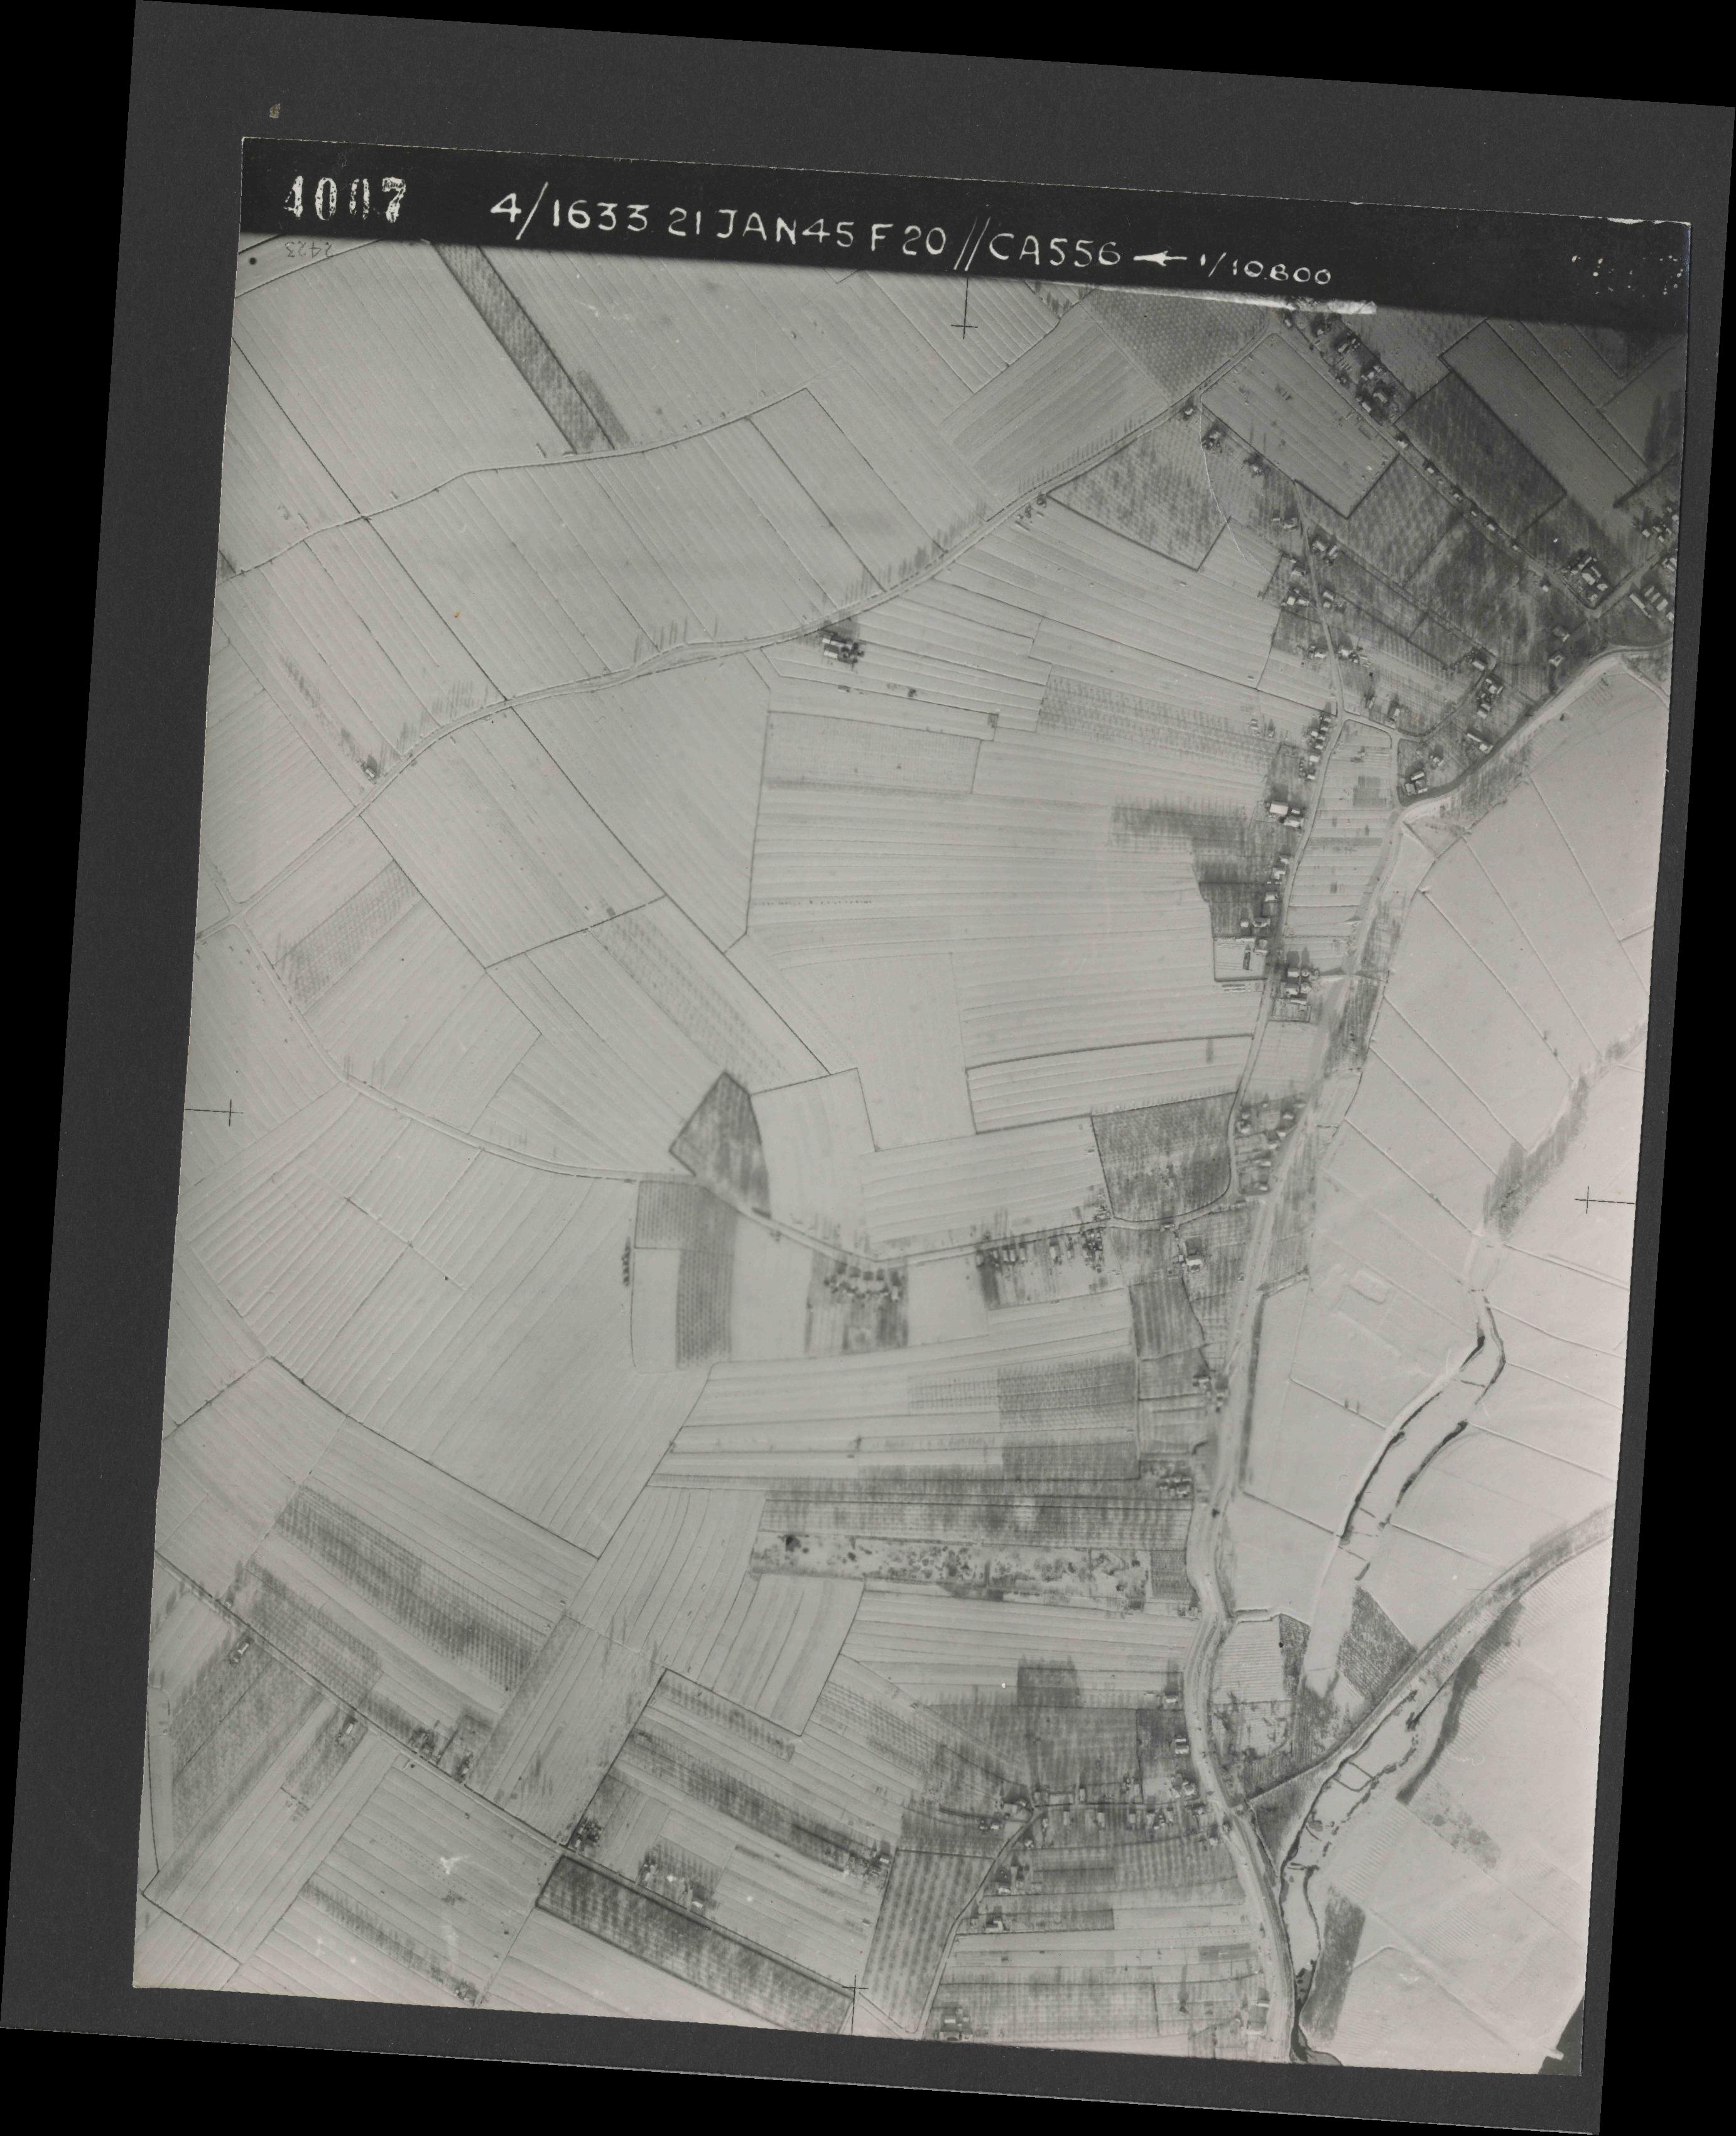 Collection RAF aerial photos 1940-1945 - flight 202, run 04, photo 4007